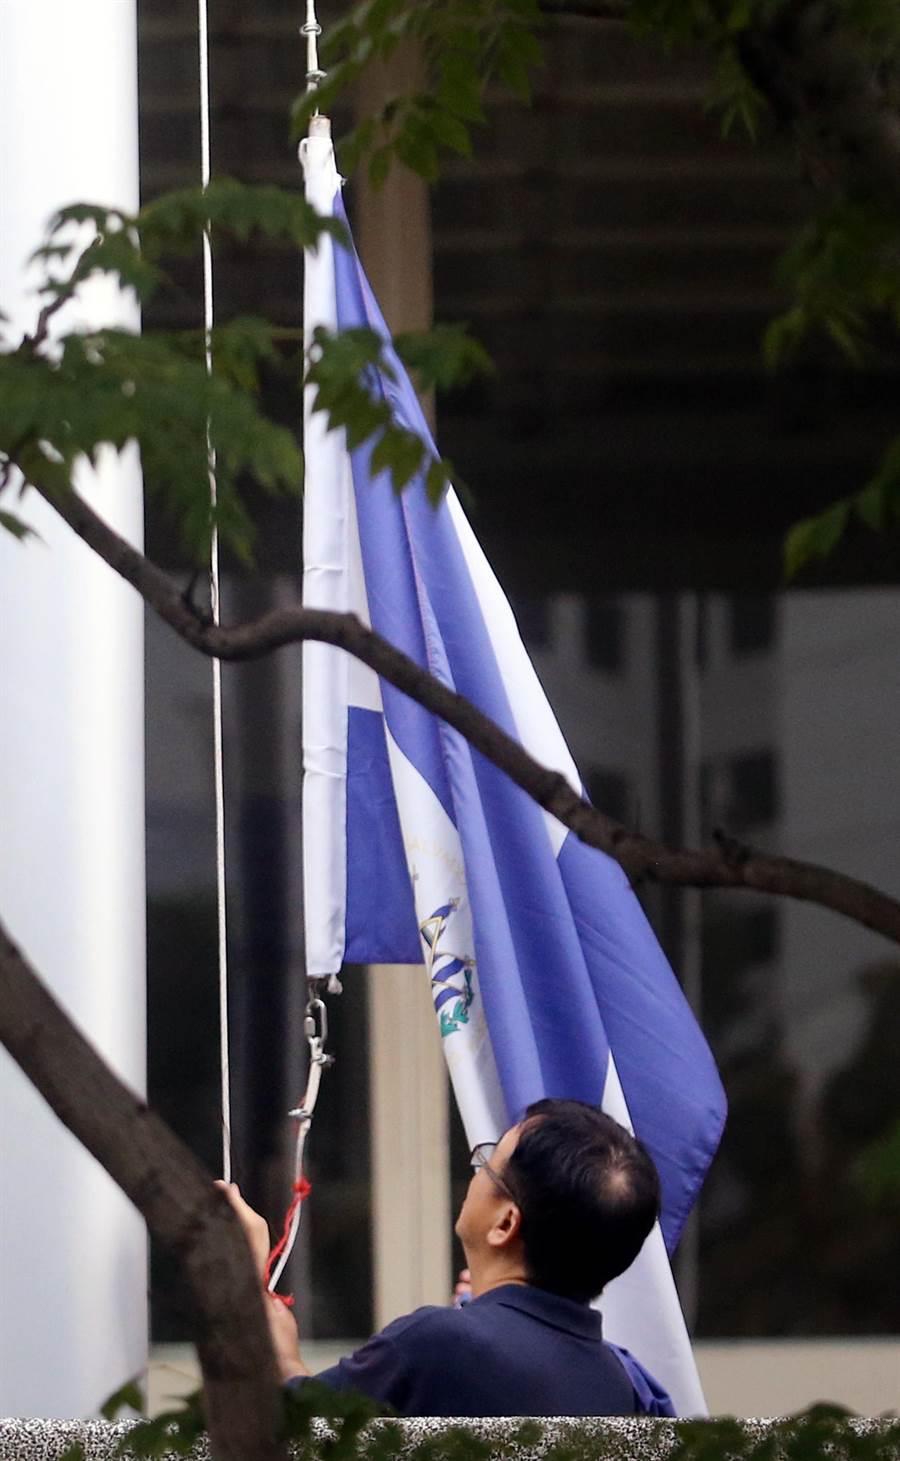 薩爾瓦多21日與中華民國斷交,駐台使館人員一早默默地降下國旗,象徵兩國邦交走入歷史。(圖/中時范揚光攝)